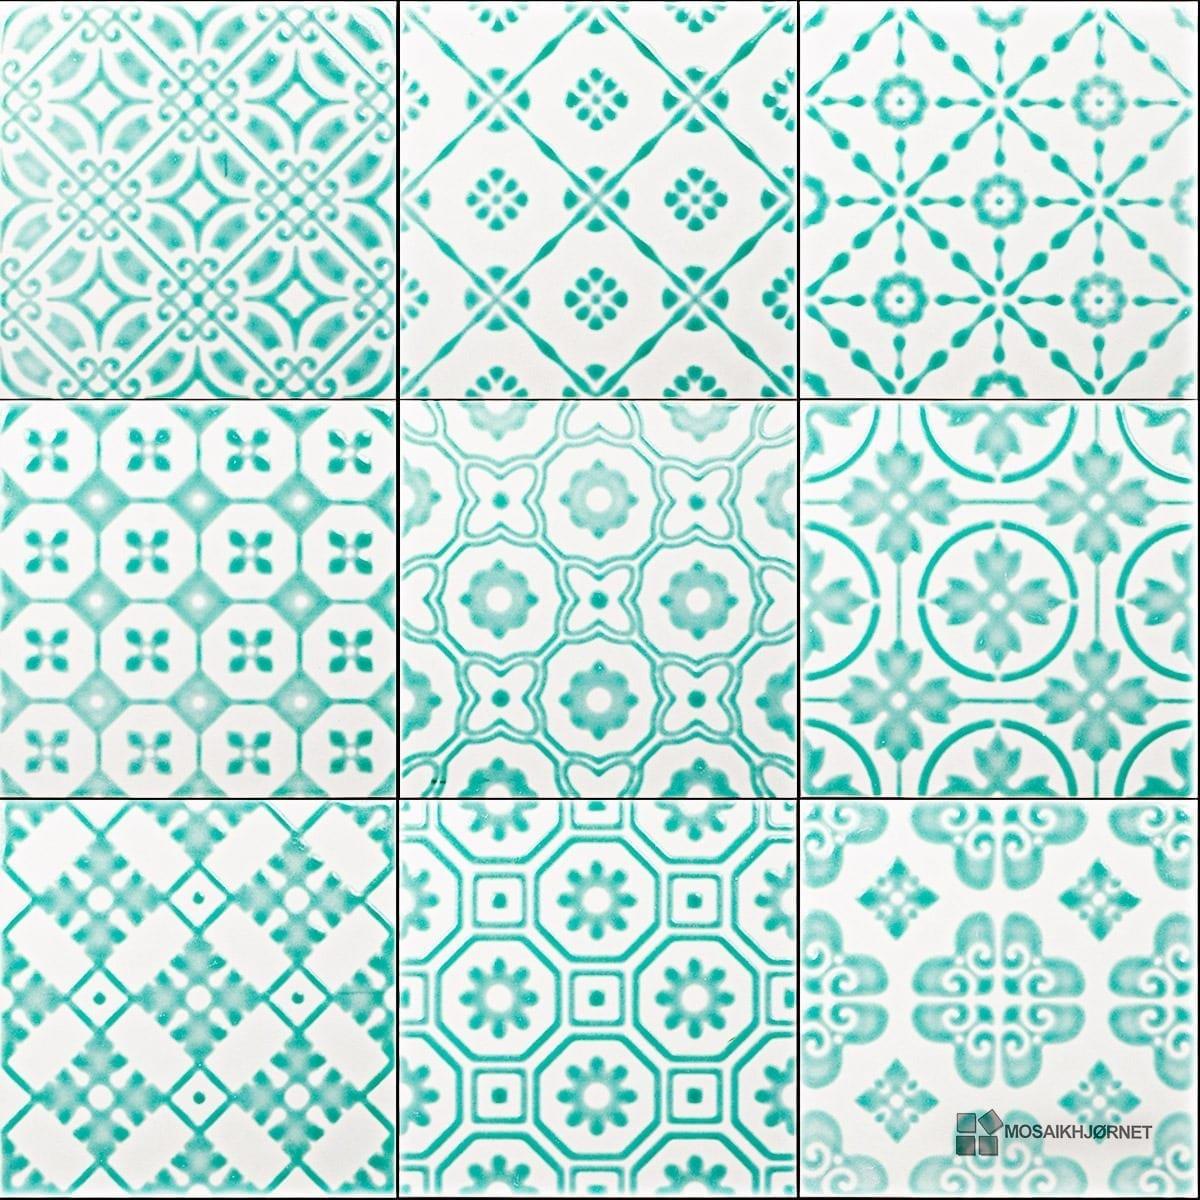 #089E89 Mest effektive 20x20 Bon Ton Grøn På Hvid Mosaikhjørnet Fliser Klinker Og Mosaik Til Ba  Fliser Til Bad Og Køkken 4805 120012004805